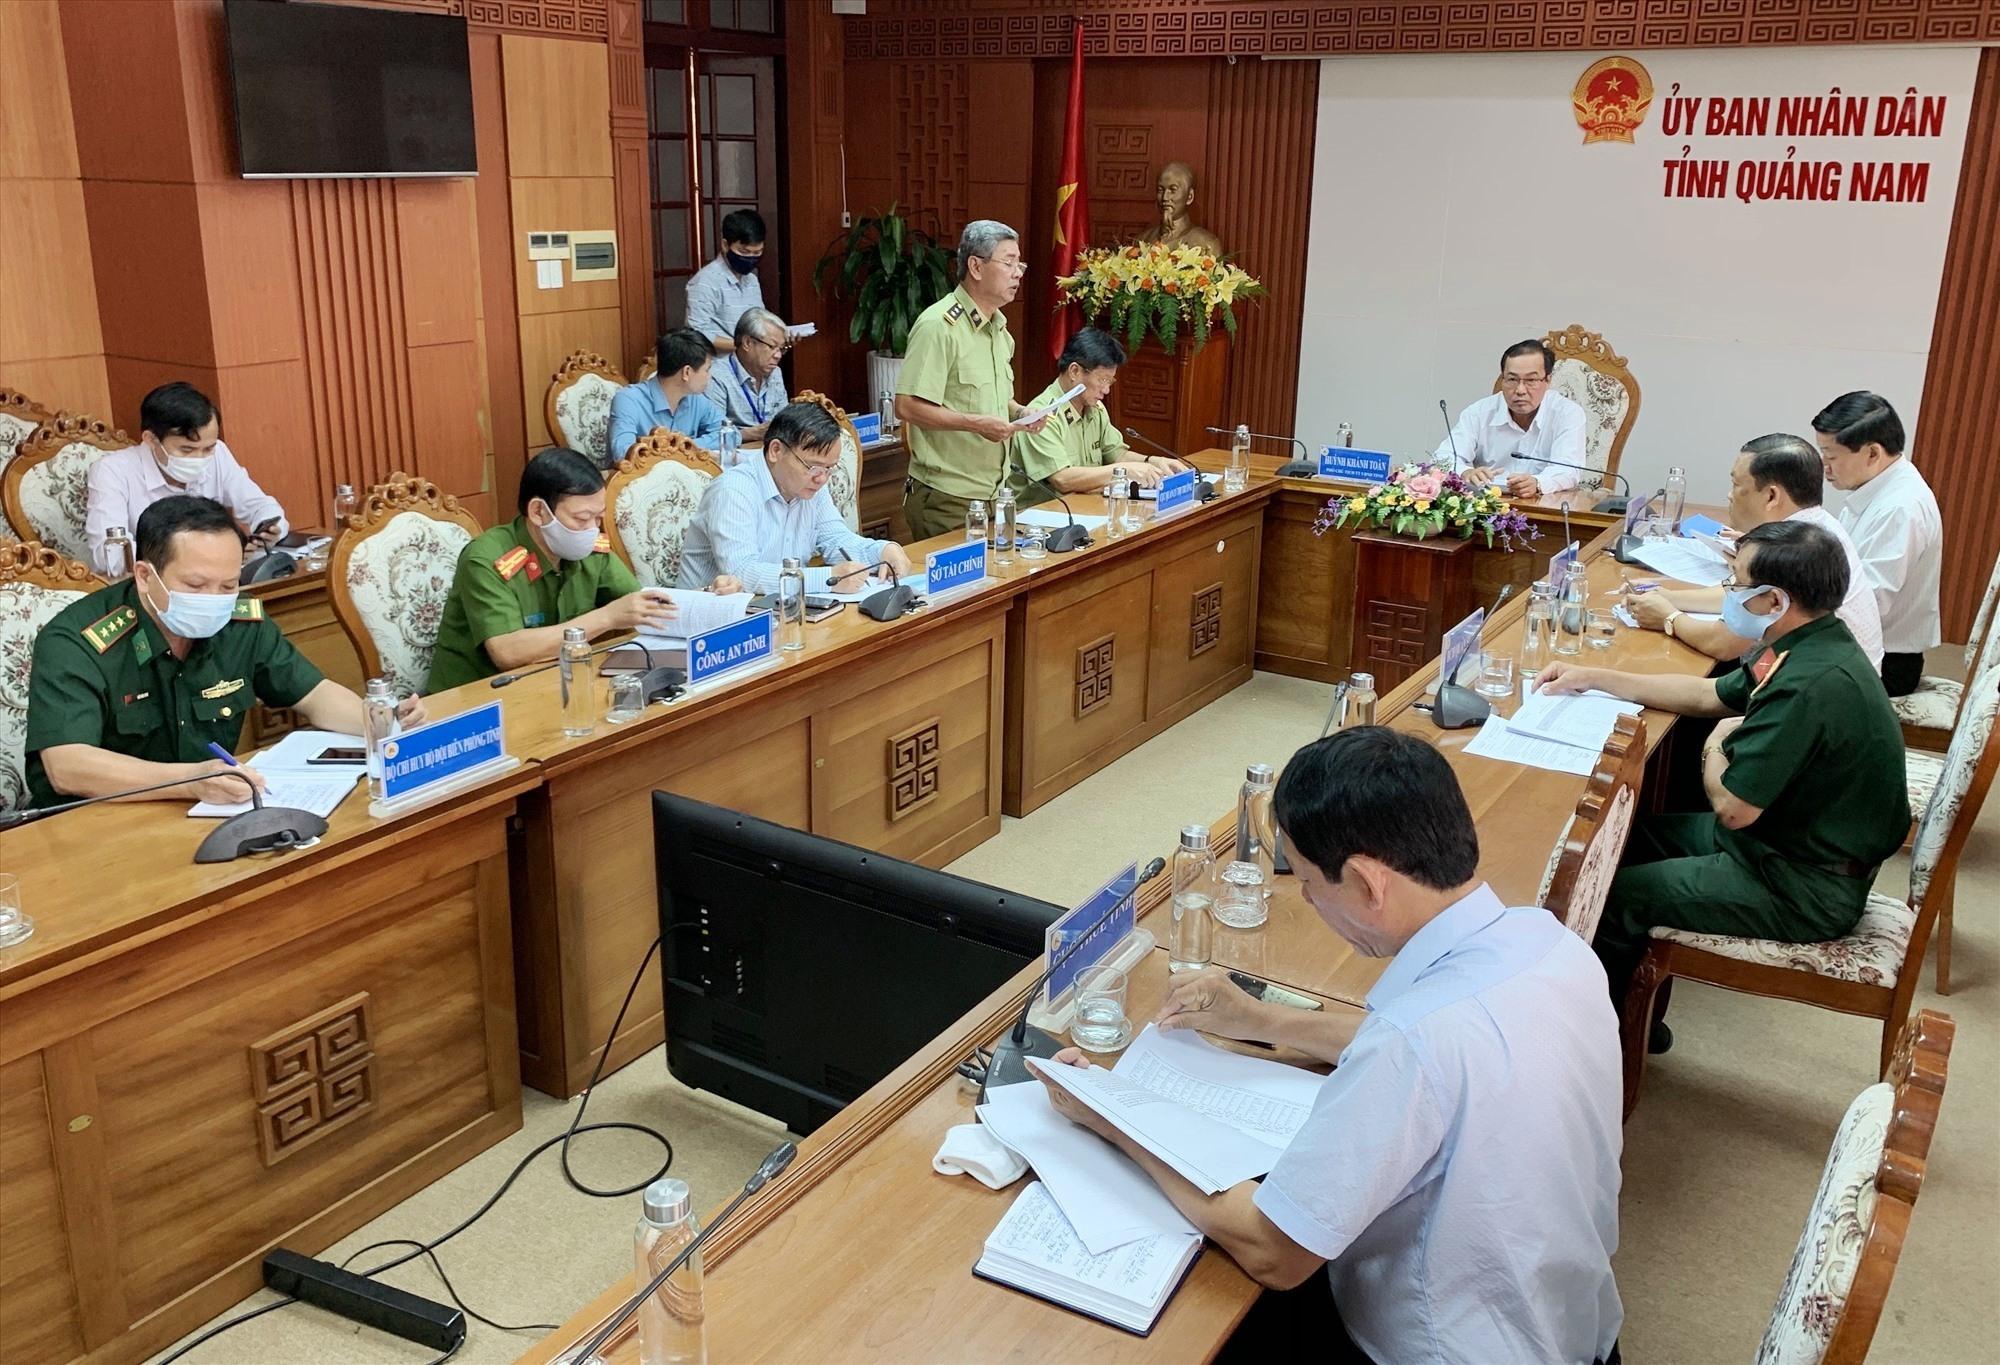 Quang cảnh buổi làm việc của Ban chỉ đạo 389 Quảng Nam.